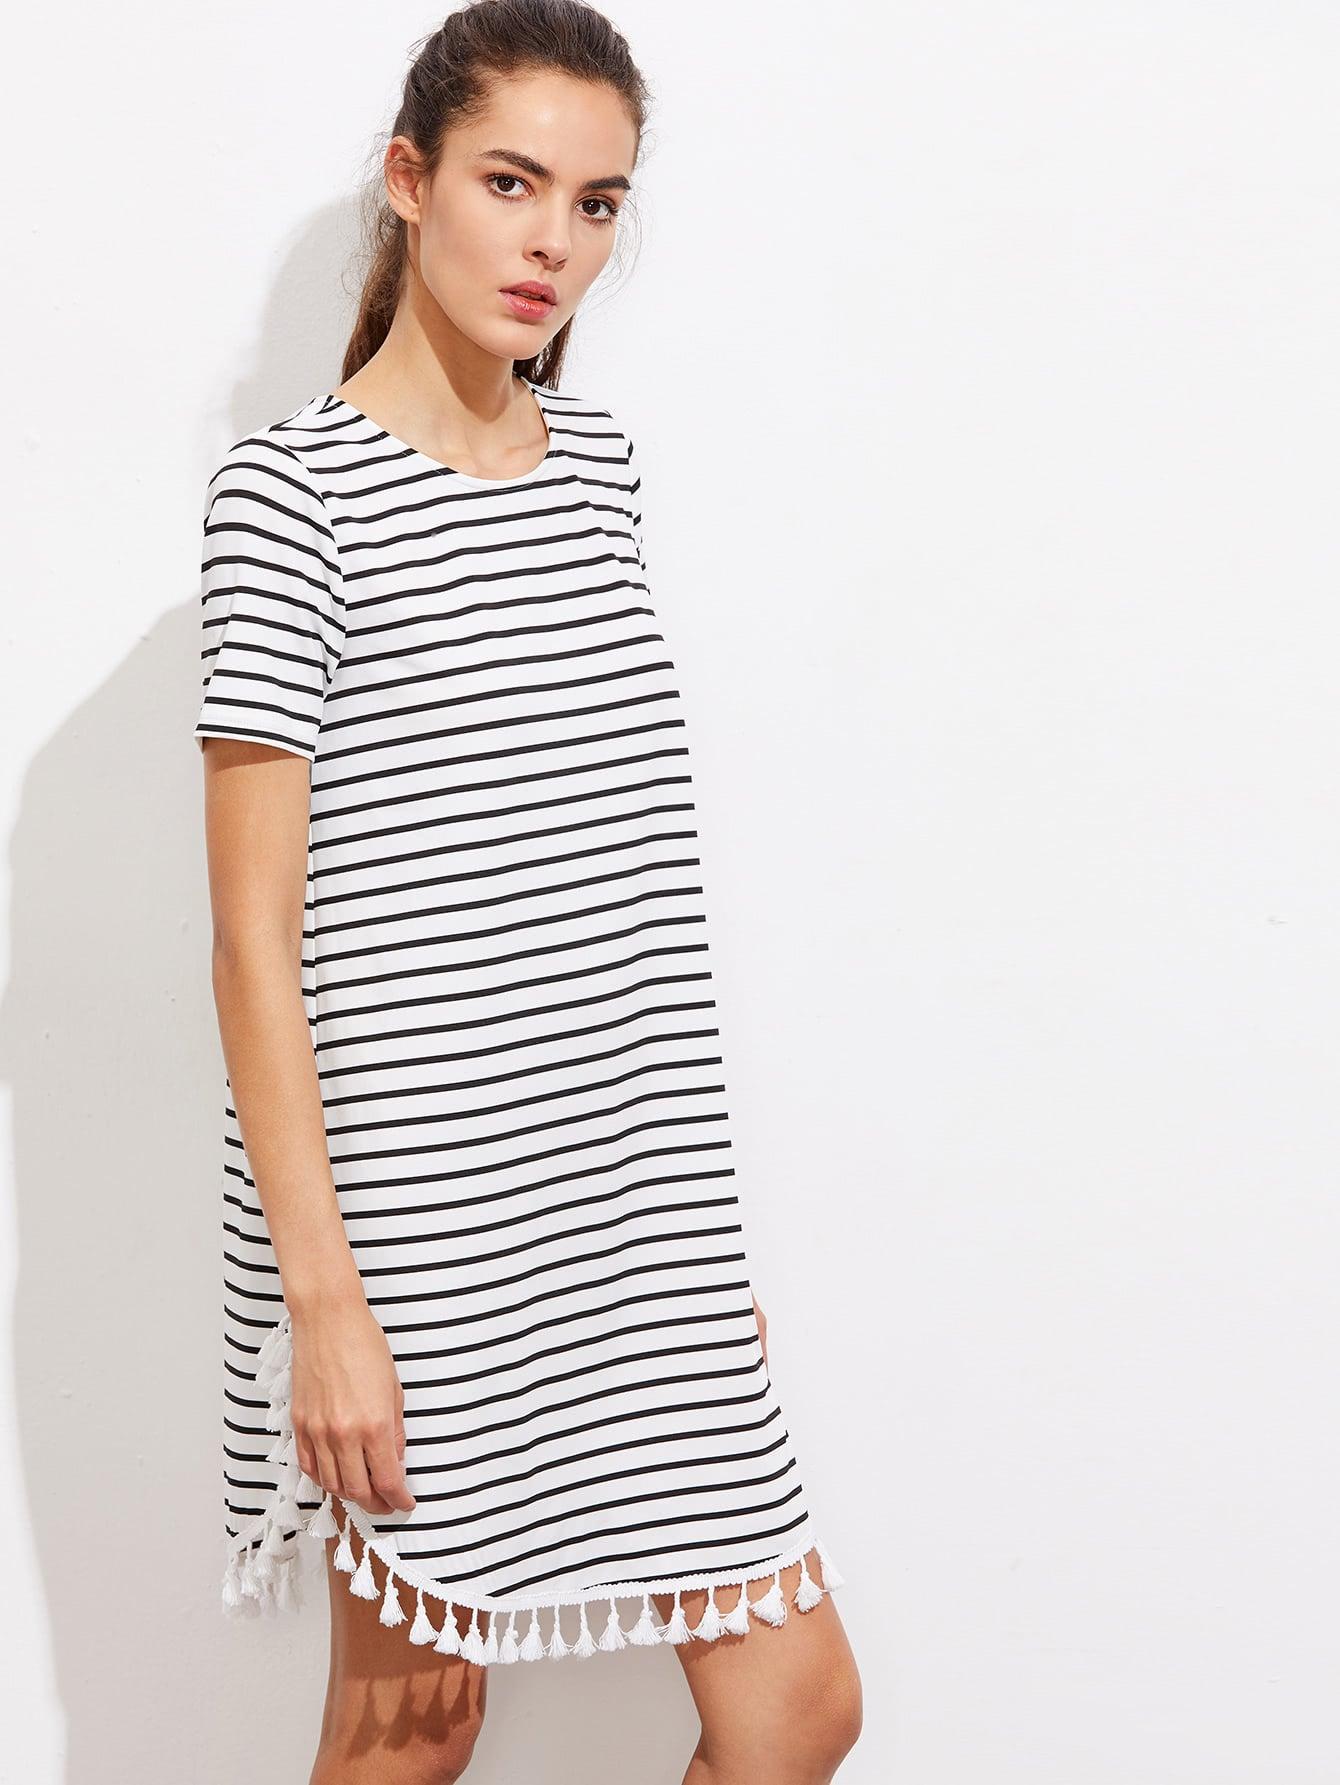 Tassel Trim Dolphin Hem Striped Tee Dress heather knit dolphin hem tee dress